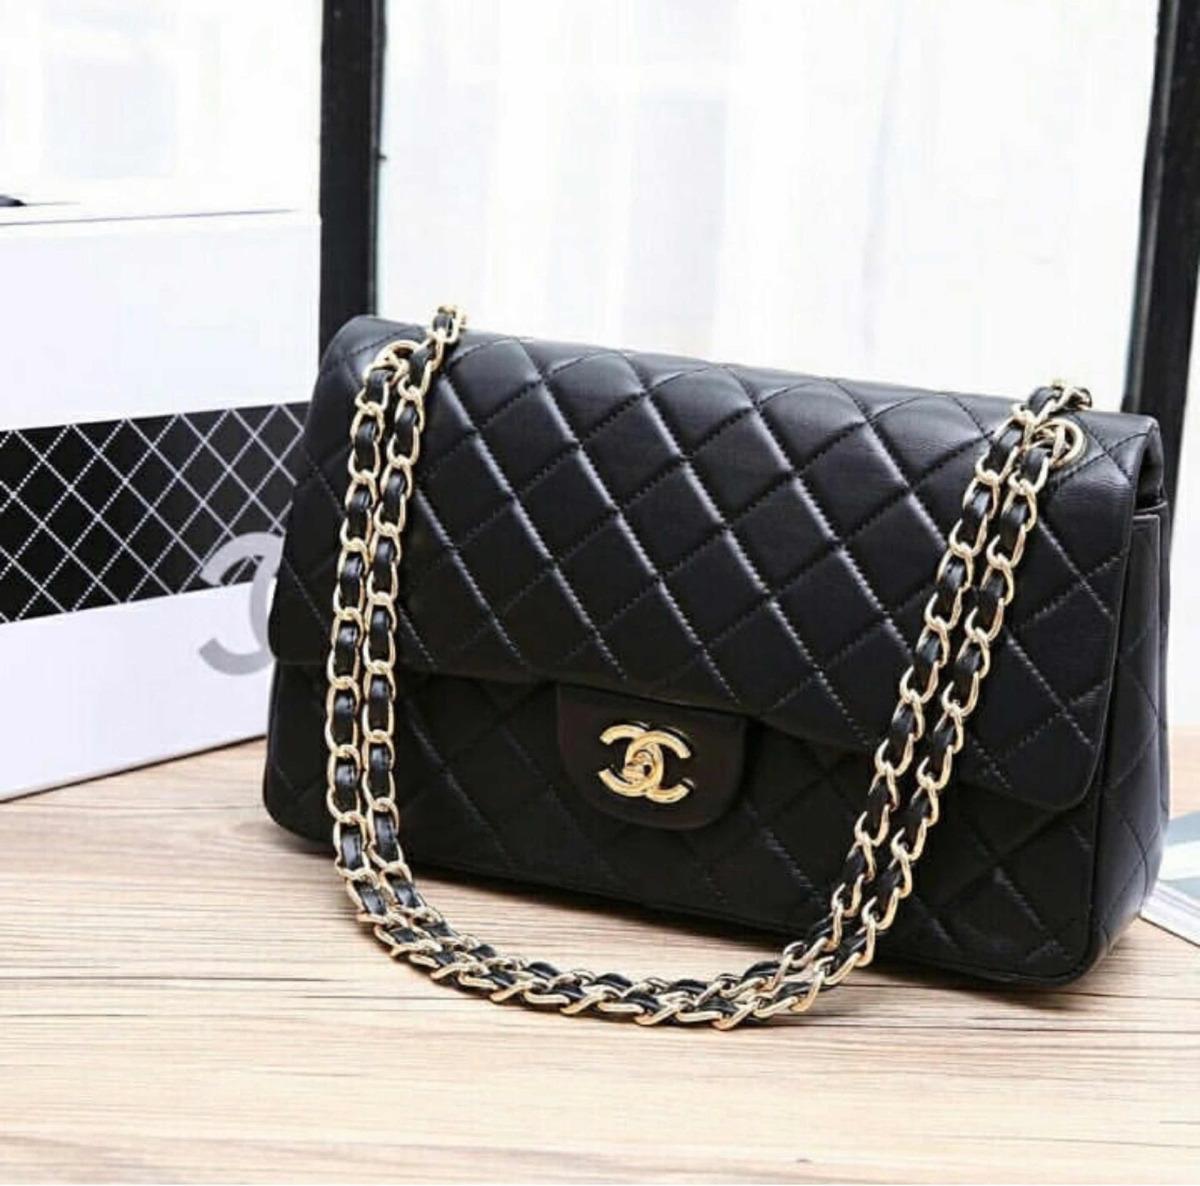 3cb918784 Chanel 2.55 Preta - R$ 2.300,00 em Mercado Livre